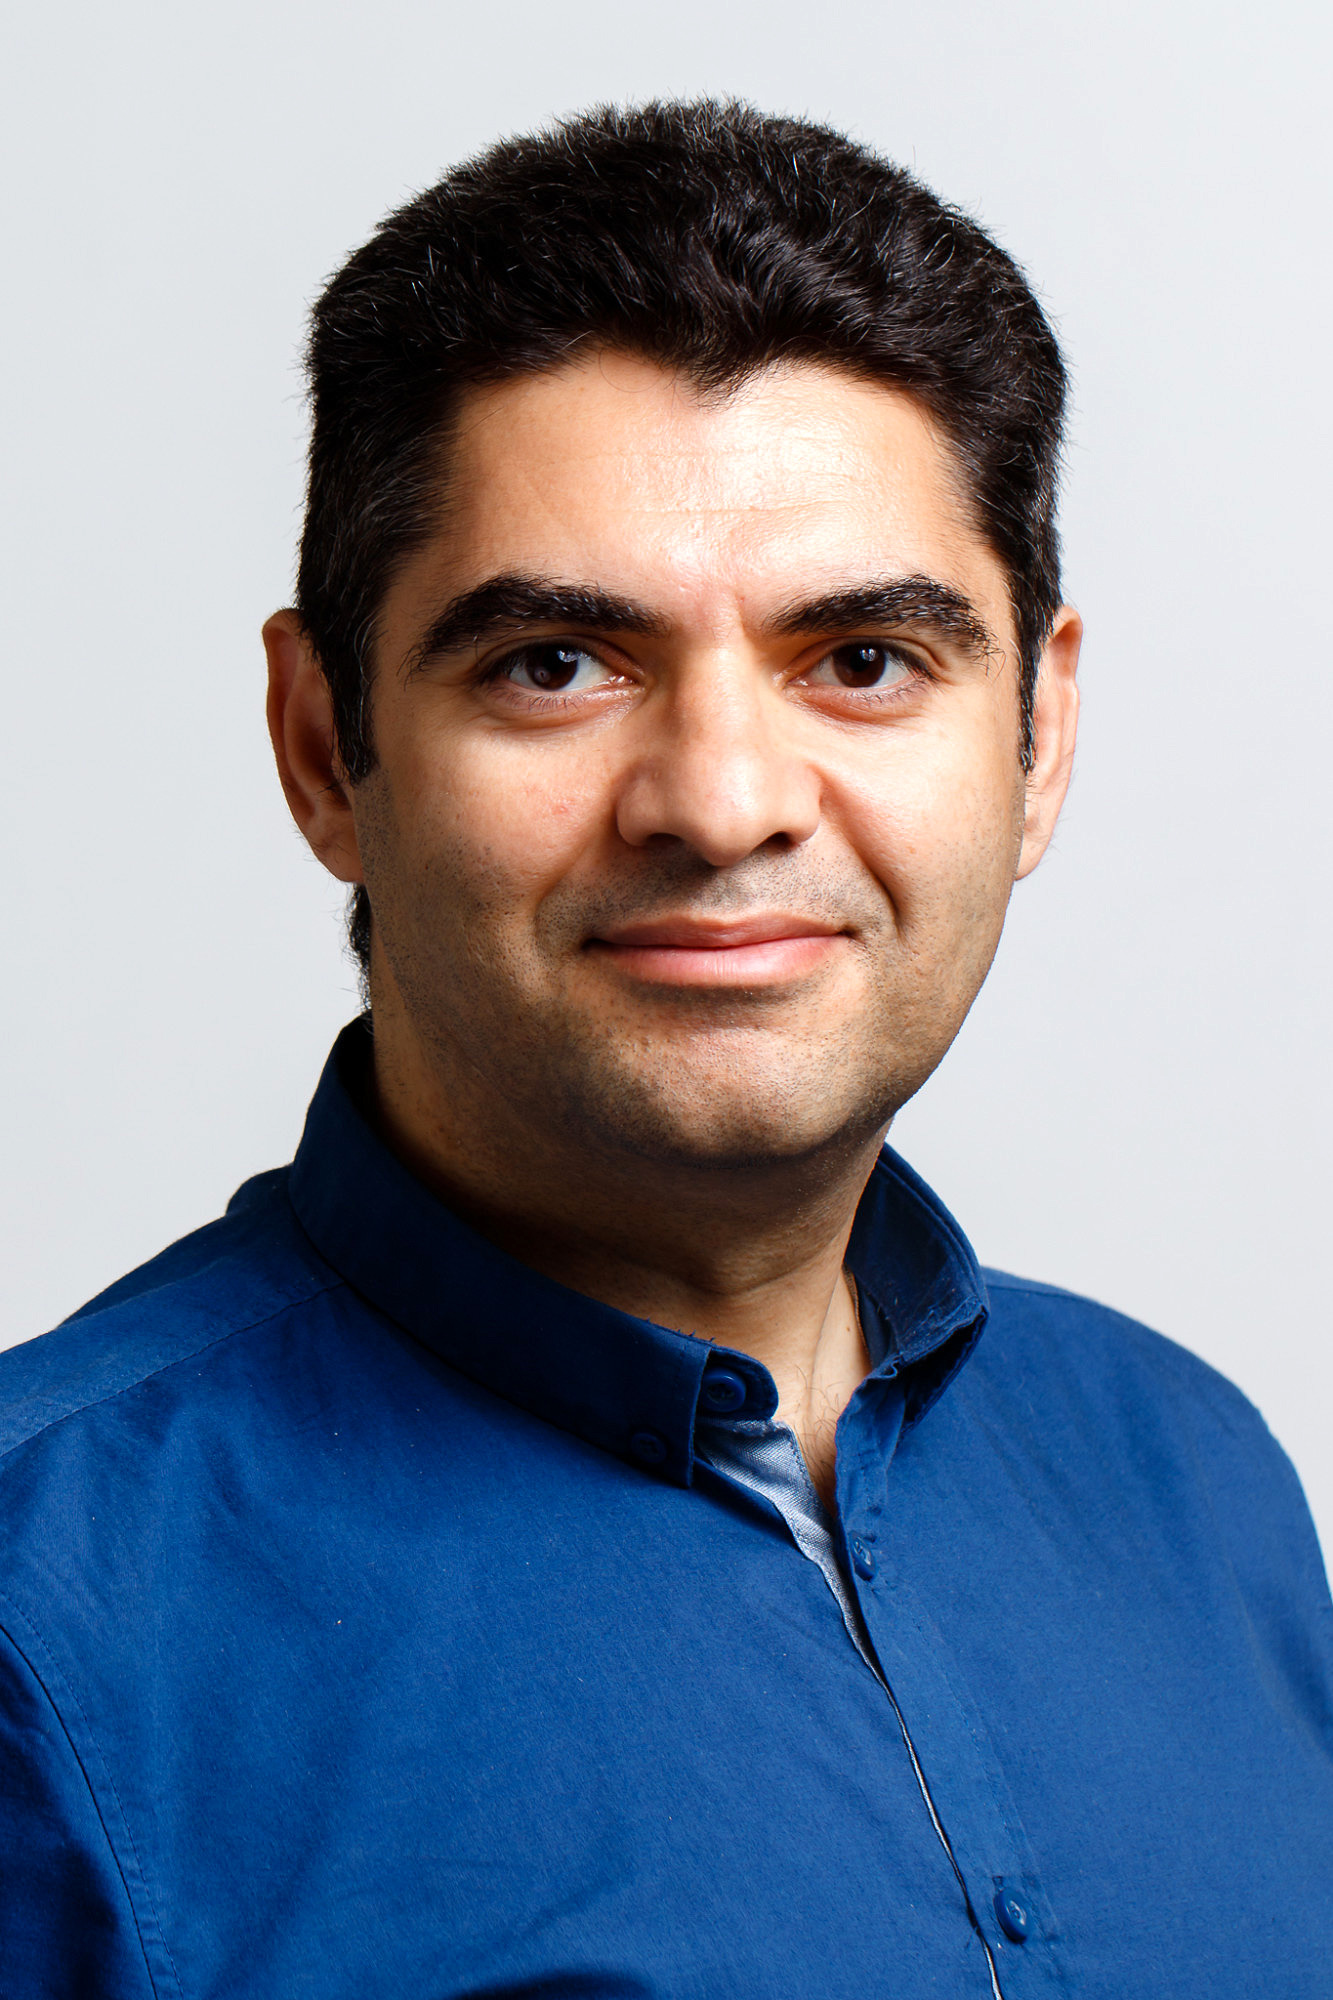 Hosseinpour, Saman (Ph.D.)